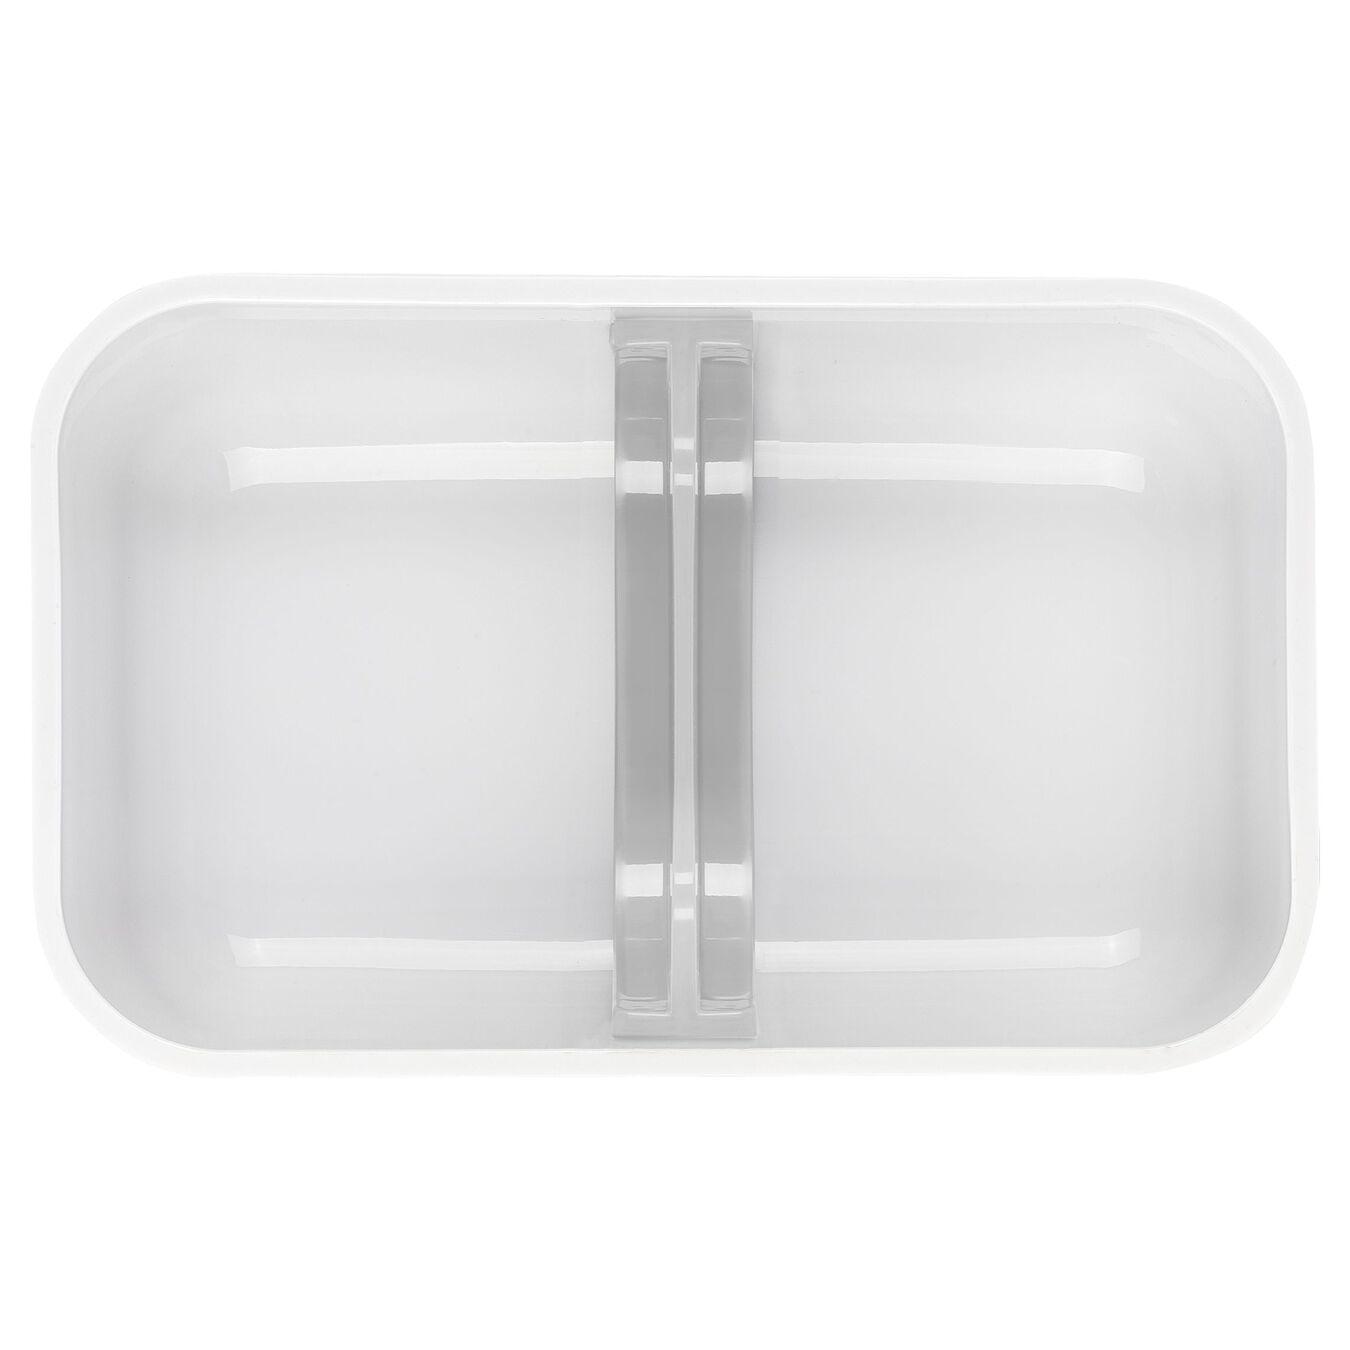 Vakumlu Yemek Kabı, M, Plastik, Beyaz,,large 4